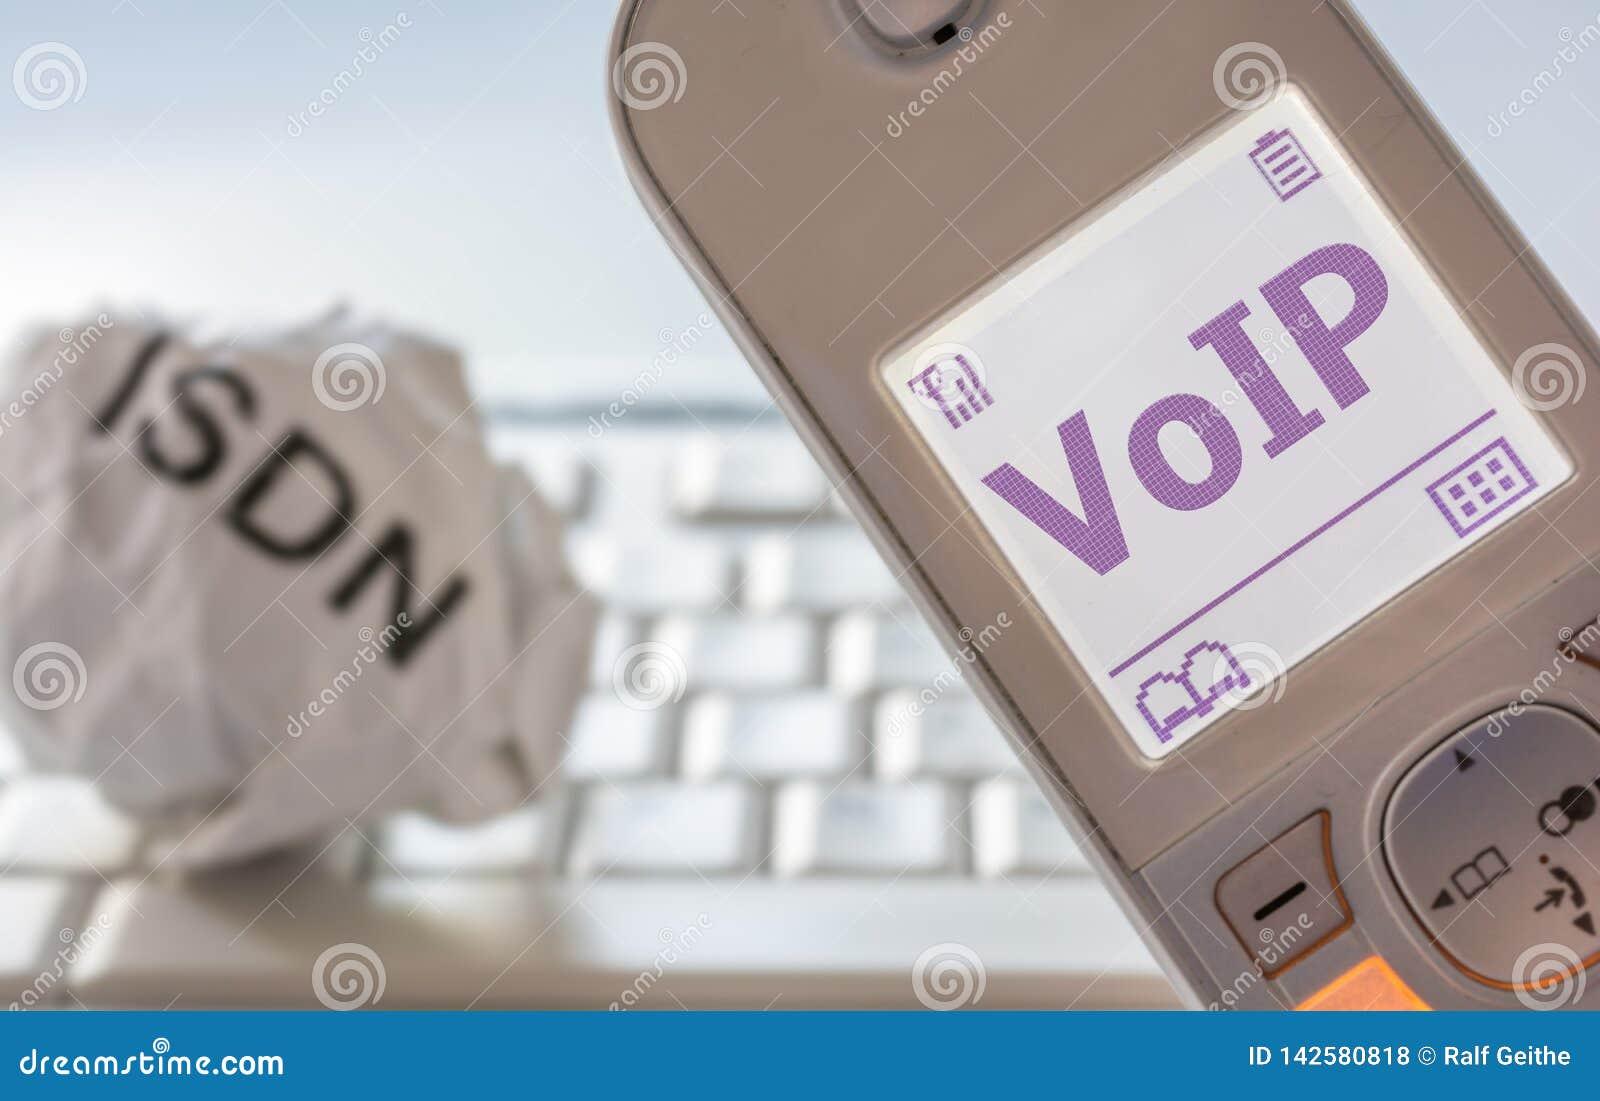 Скомканная бумага с надписью ISDN и современным телефоном с VoIP в дисплее